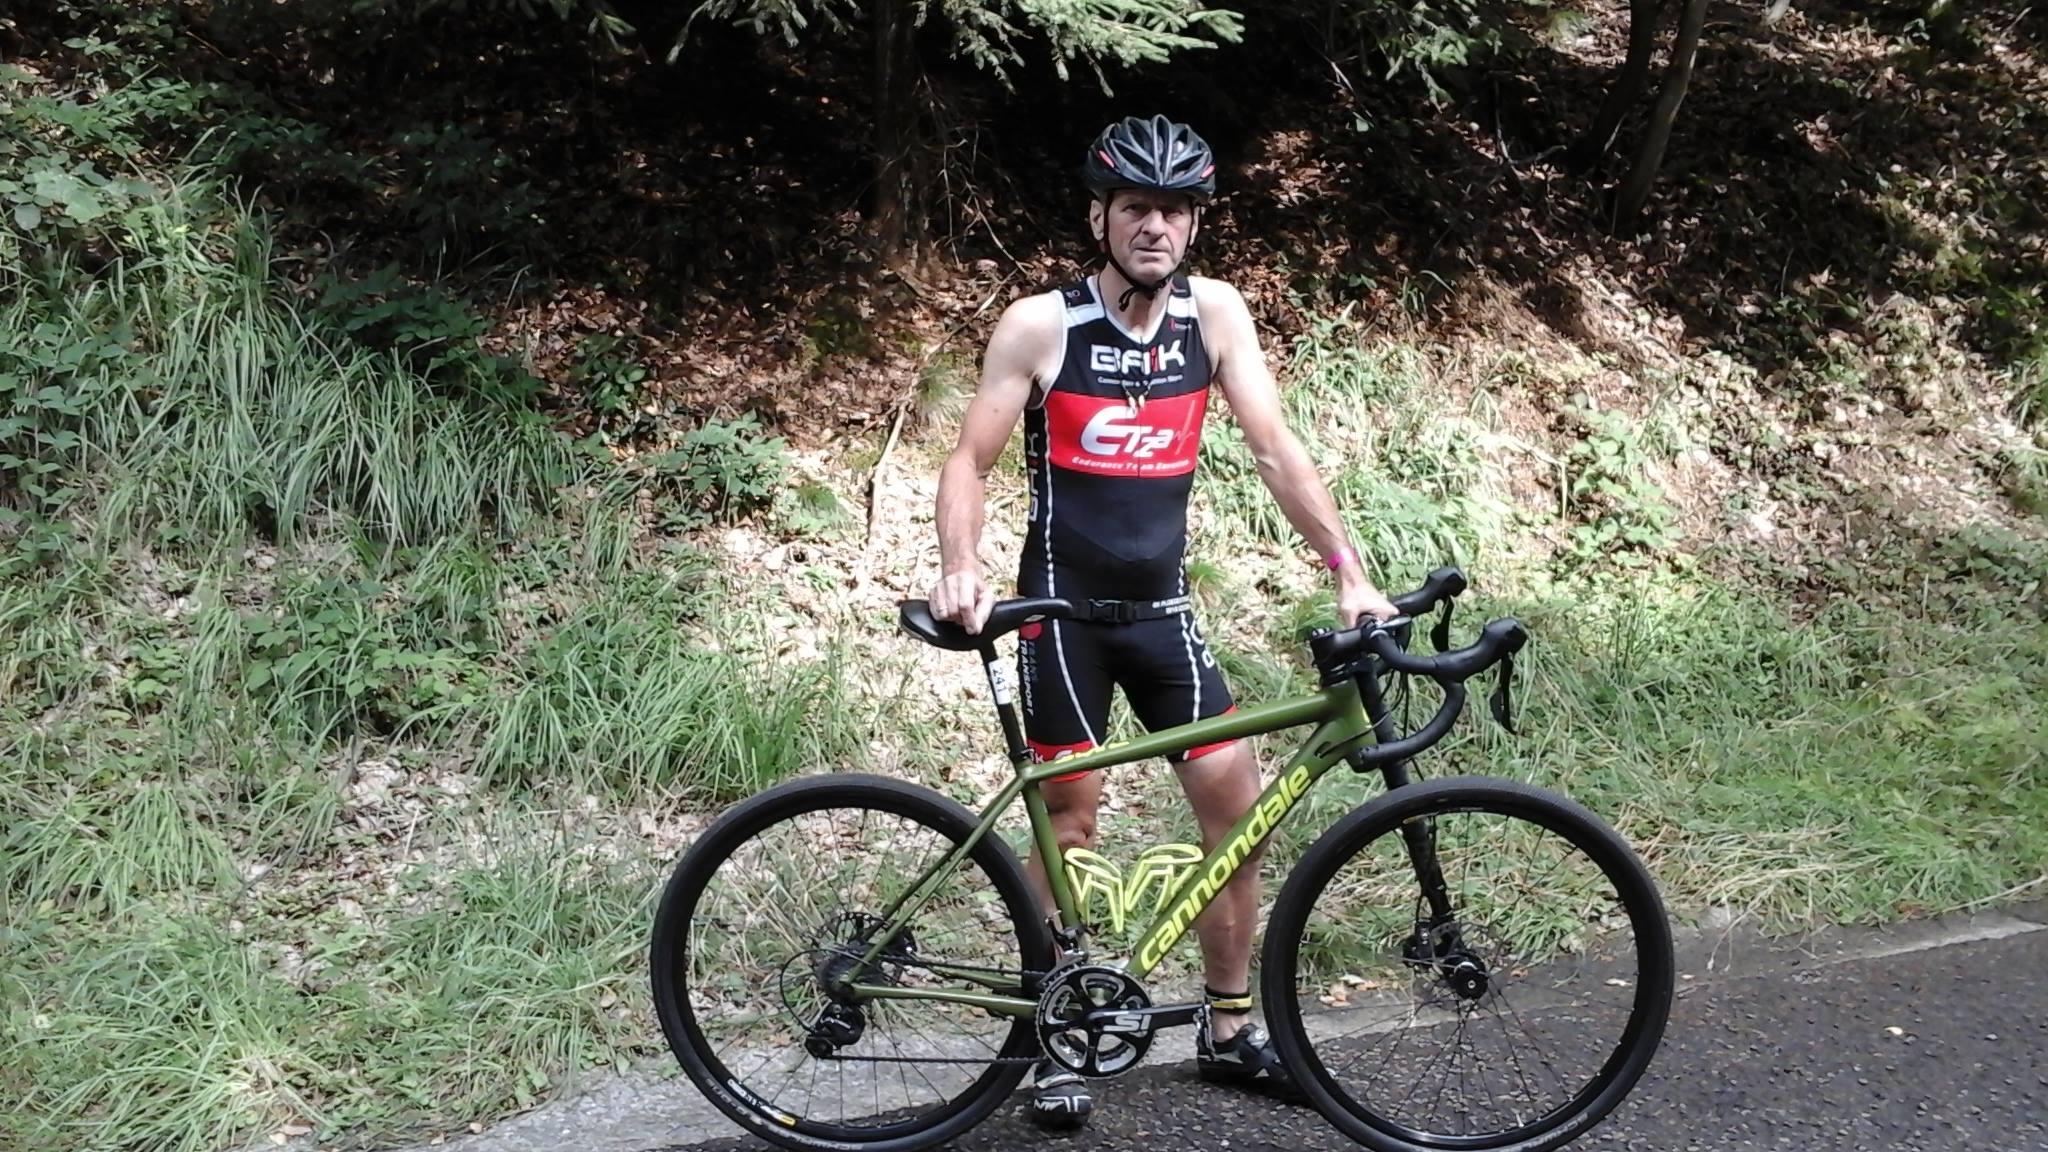 Charles Le Duc met fiets Eupen 2017